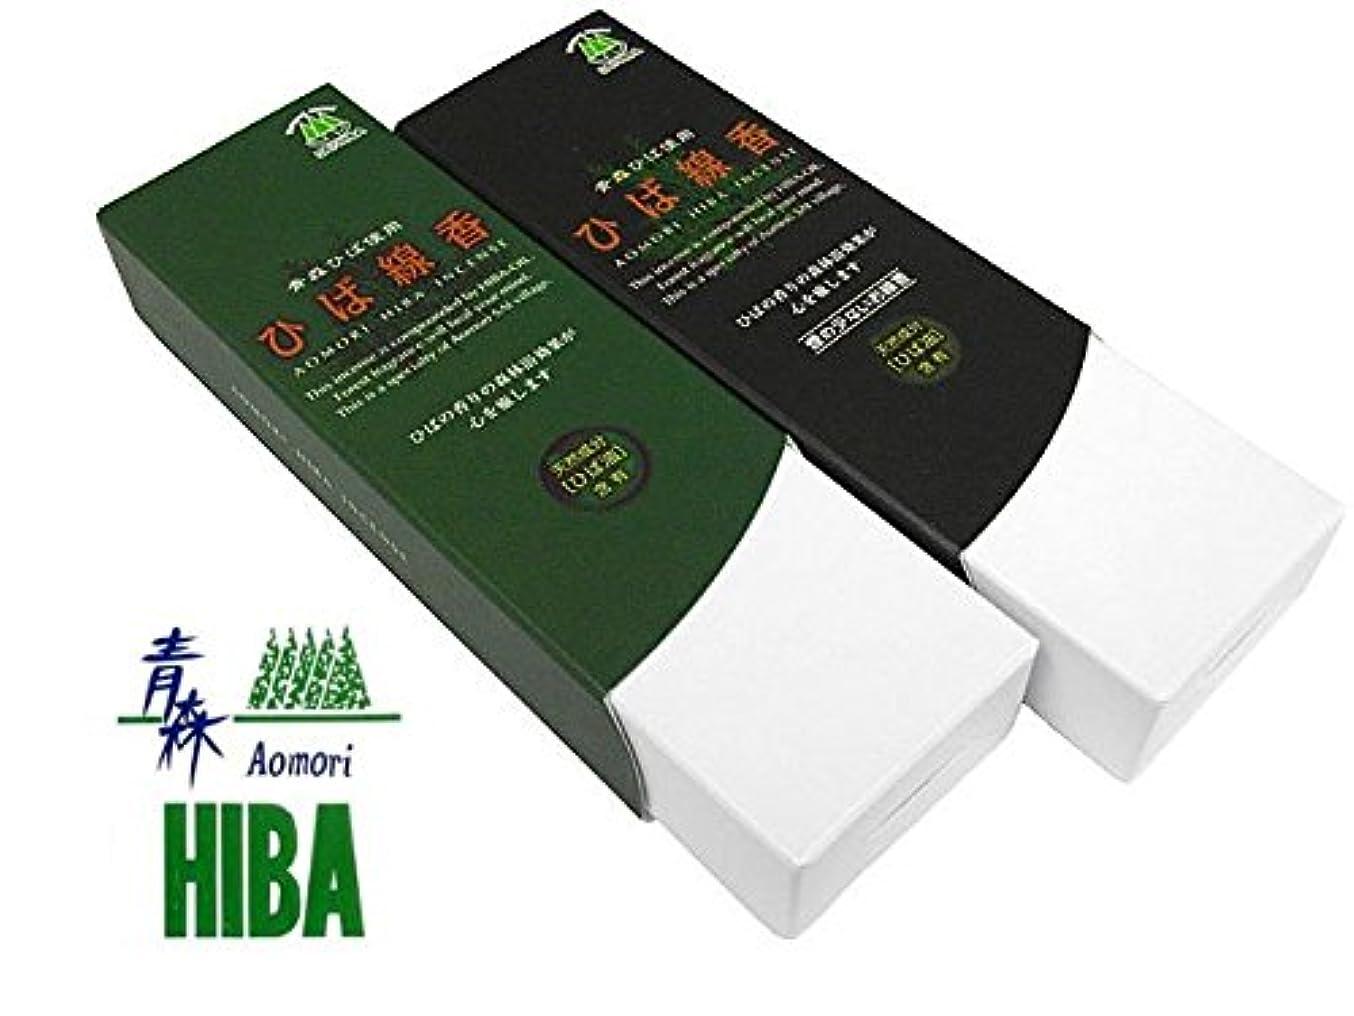 ギネス安心させる似ている青森ひば 青森ヒバのお 黒と緑のお手軽サイズ2箱セット 天然ひば製油配合の清々しい木の香り